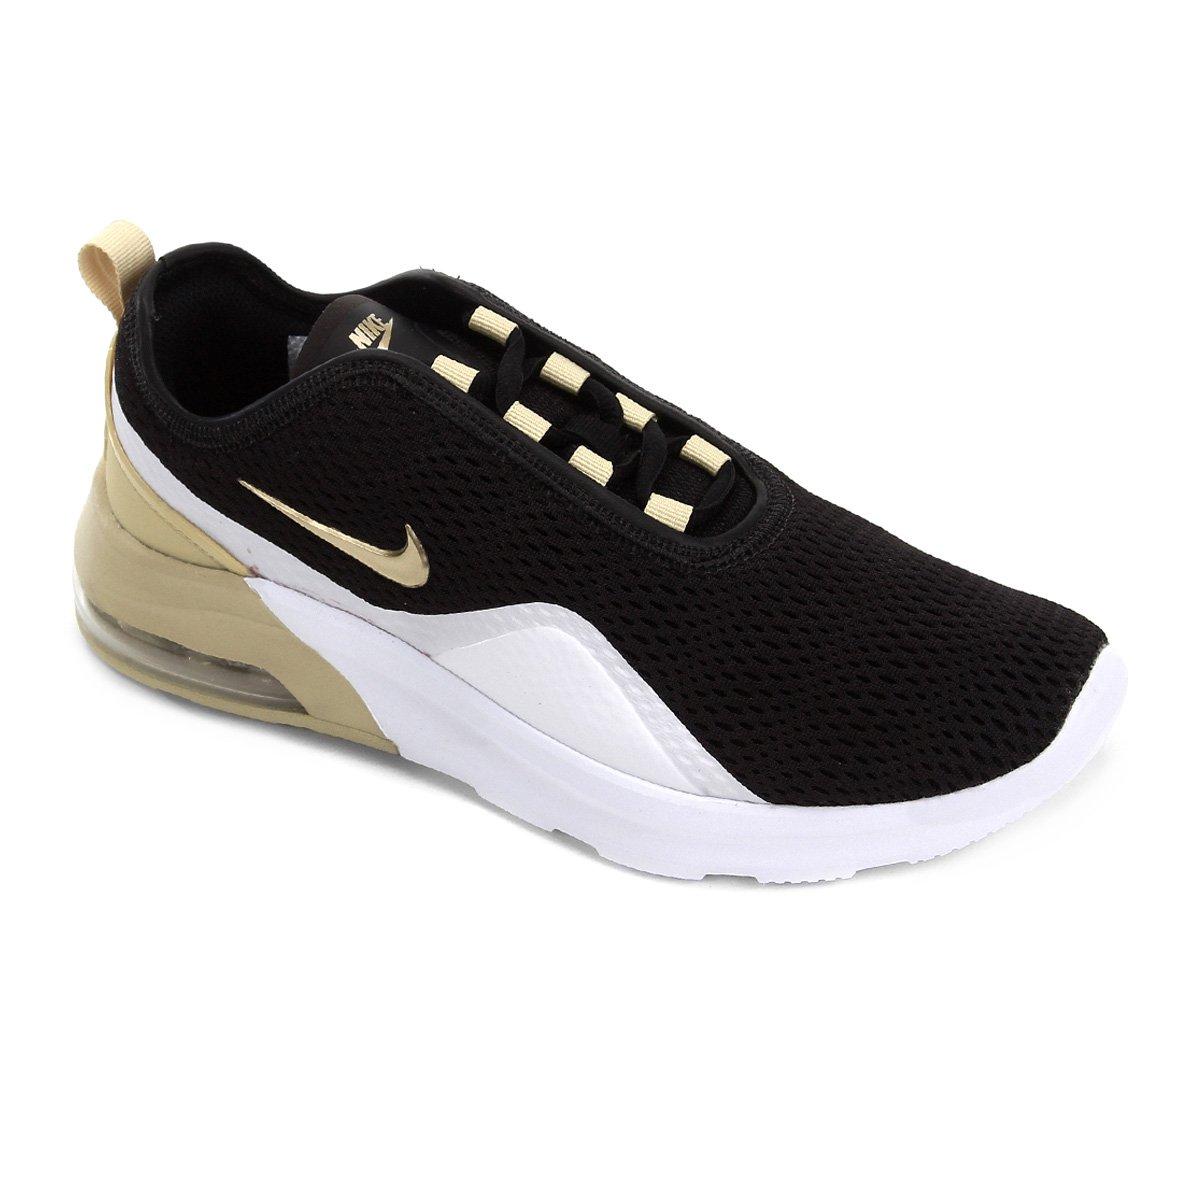 Tênis Nike Wmns Air Max Motion Feminino Preto E Dourado